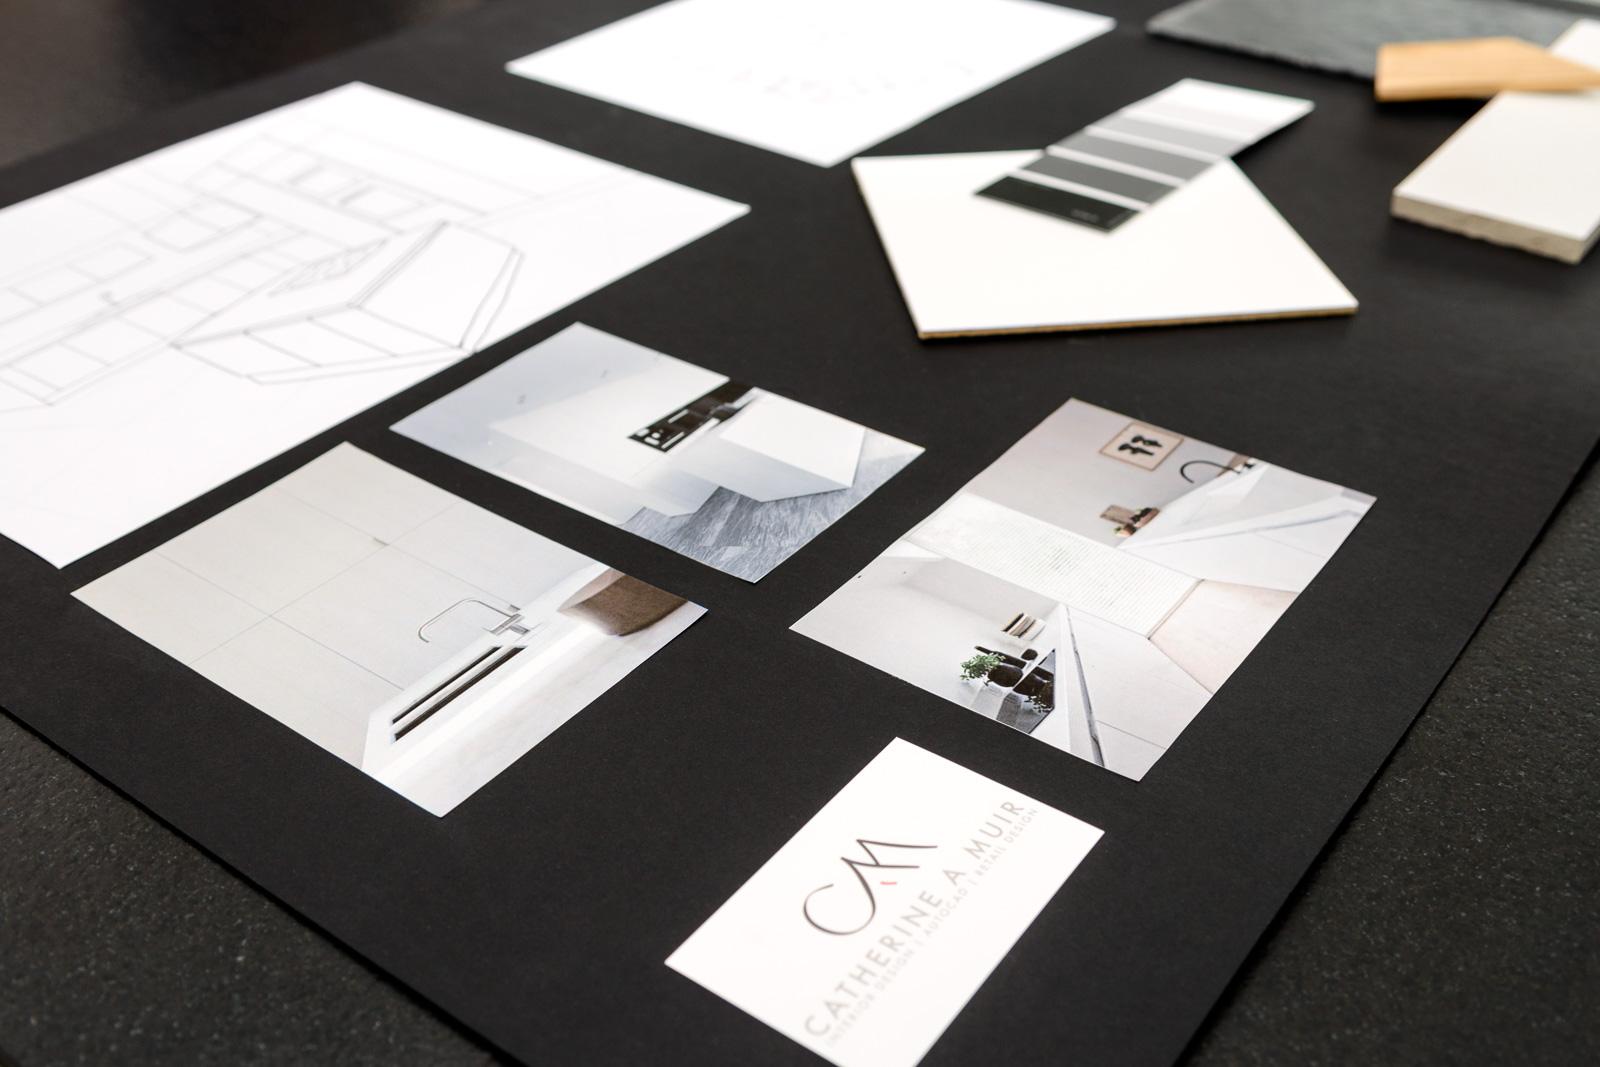 Design Board